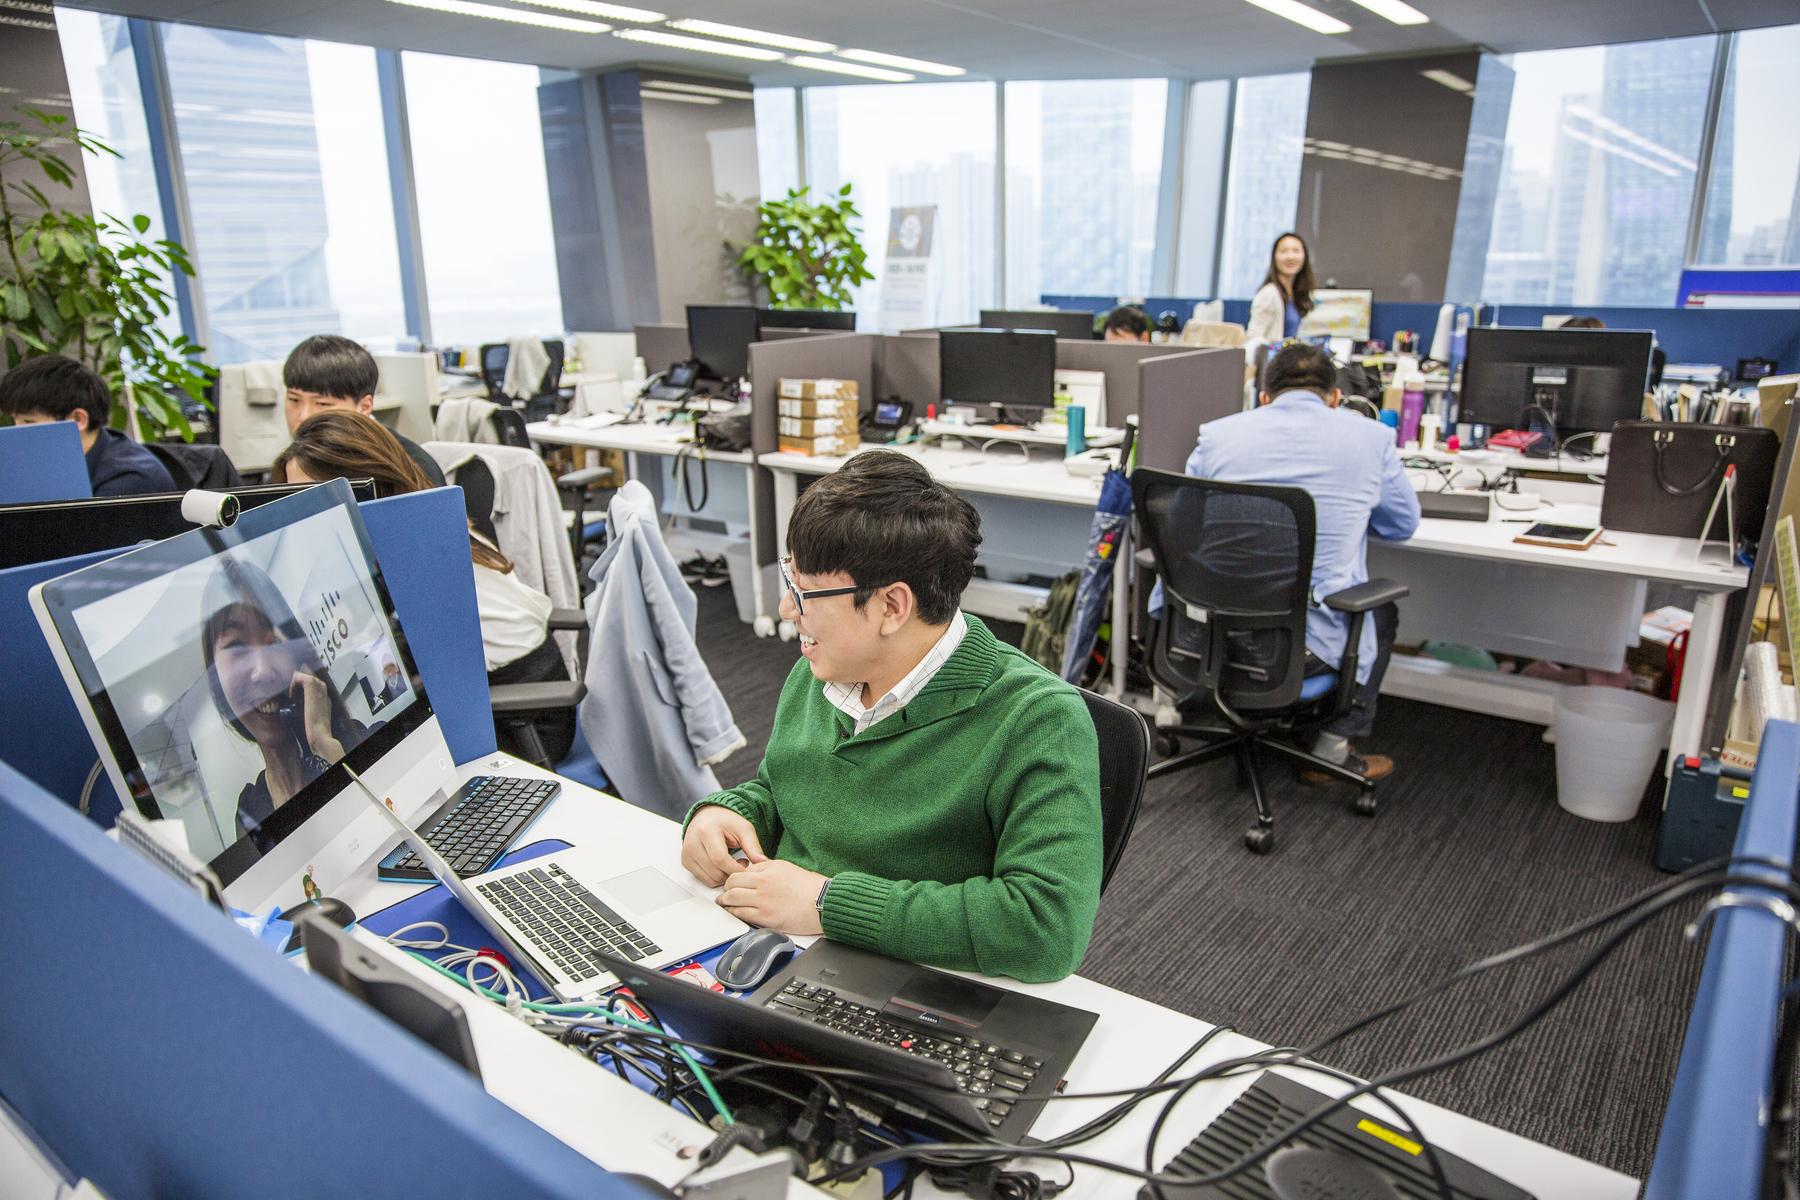 best-workplaces-millennials-2018-cisco